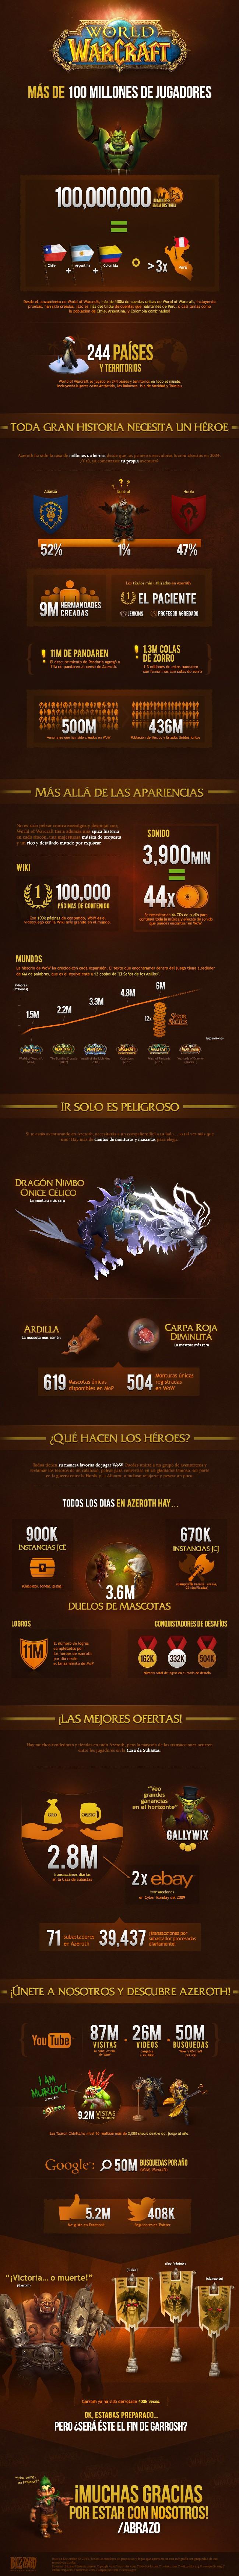 WoW_Infographic-2014_ES-MX